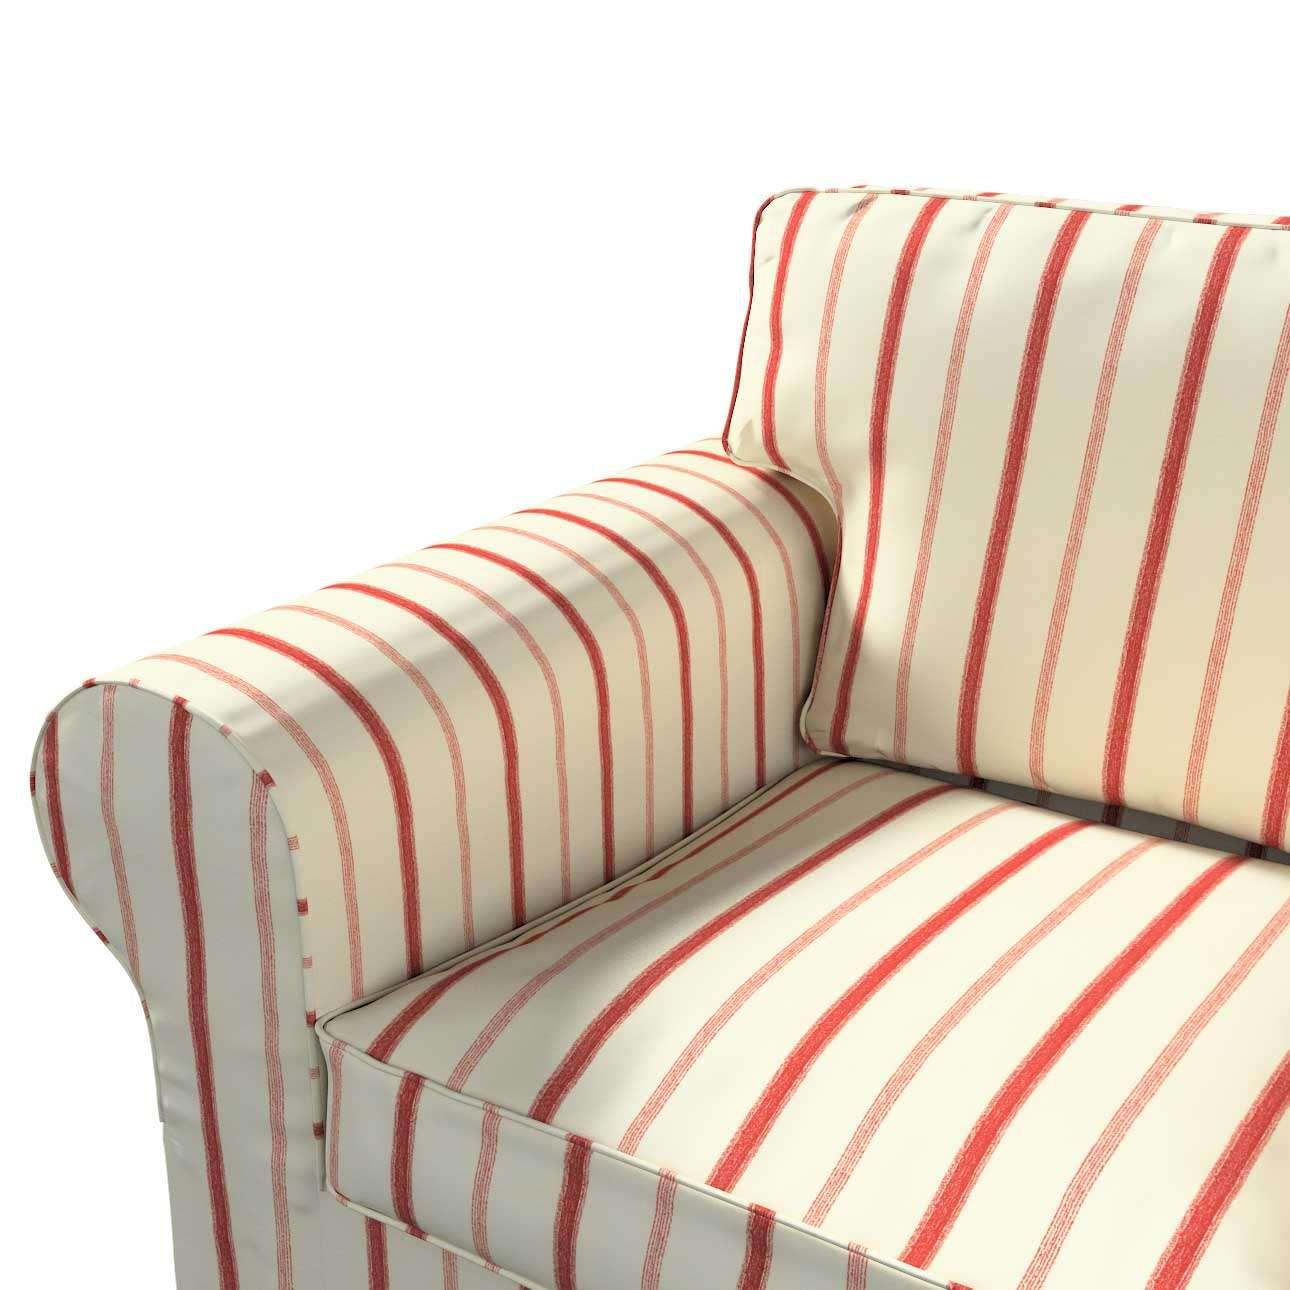 Pokrowiec na sofę Ektorp 2-osobową, rozkładaną STARY MODEL Sofa Ektorp 2-osobowa rozkładana w kolekcji Avinon, tkanina: 129-15